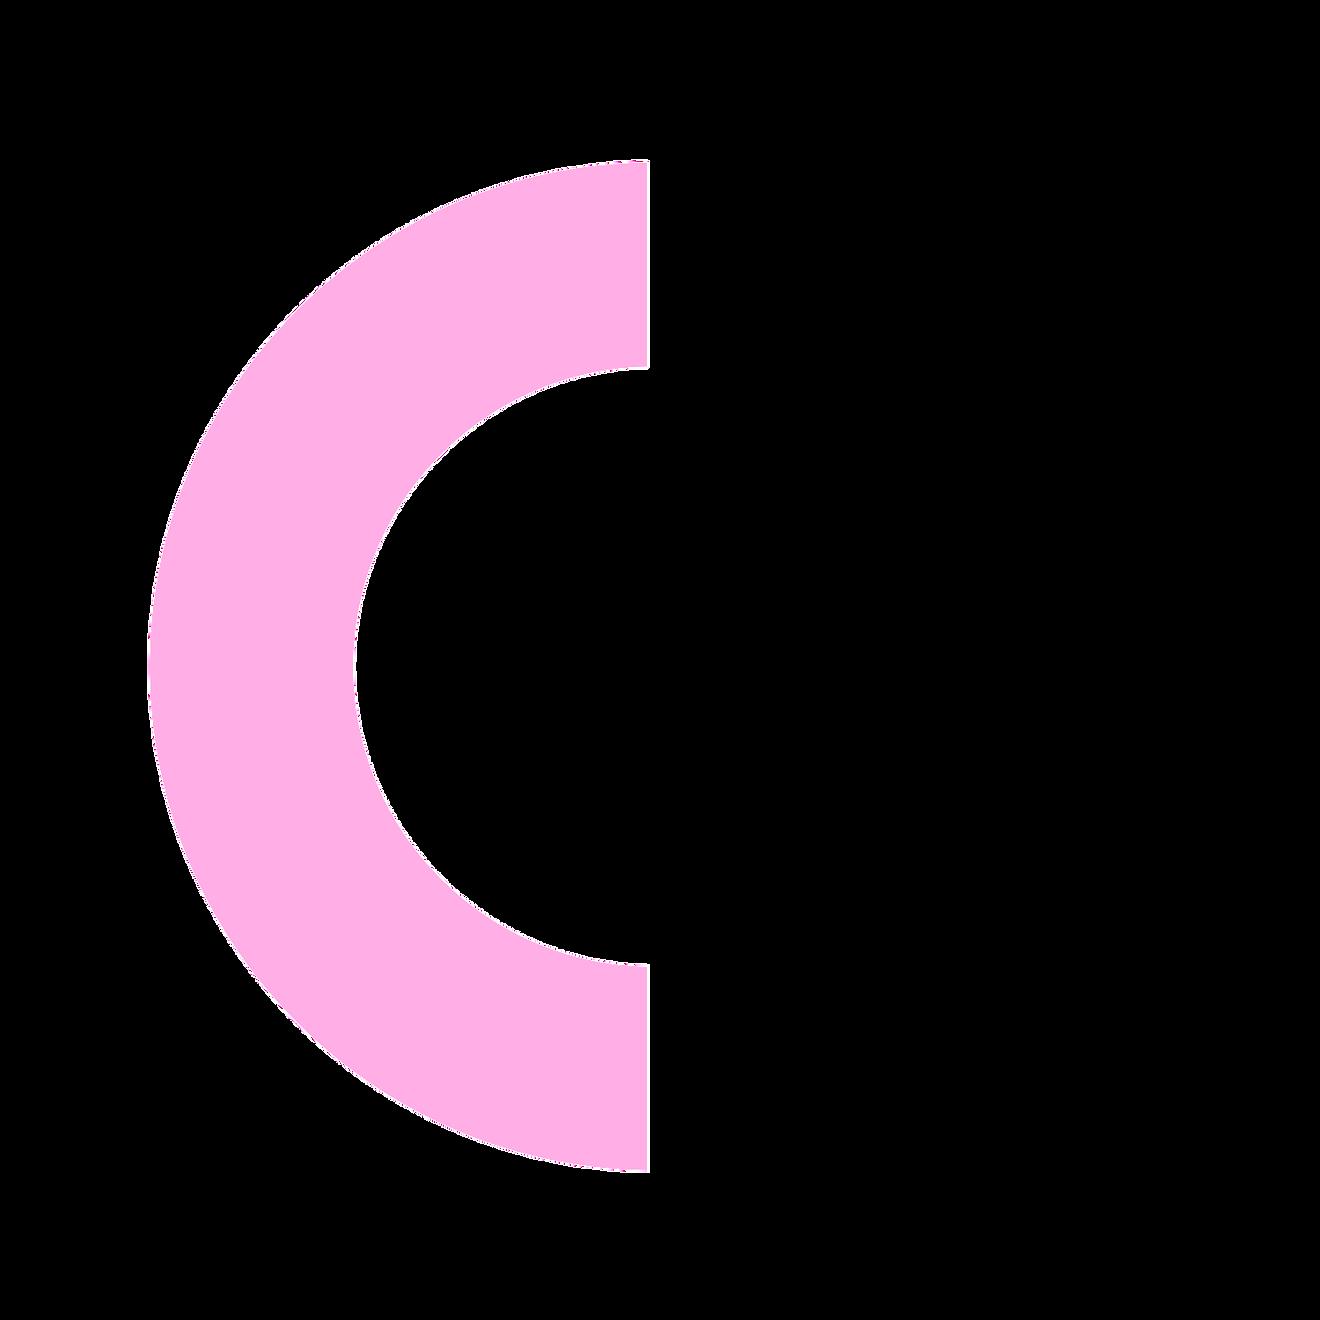 GICCO-Forme